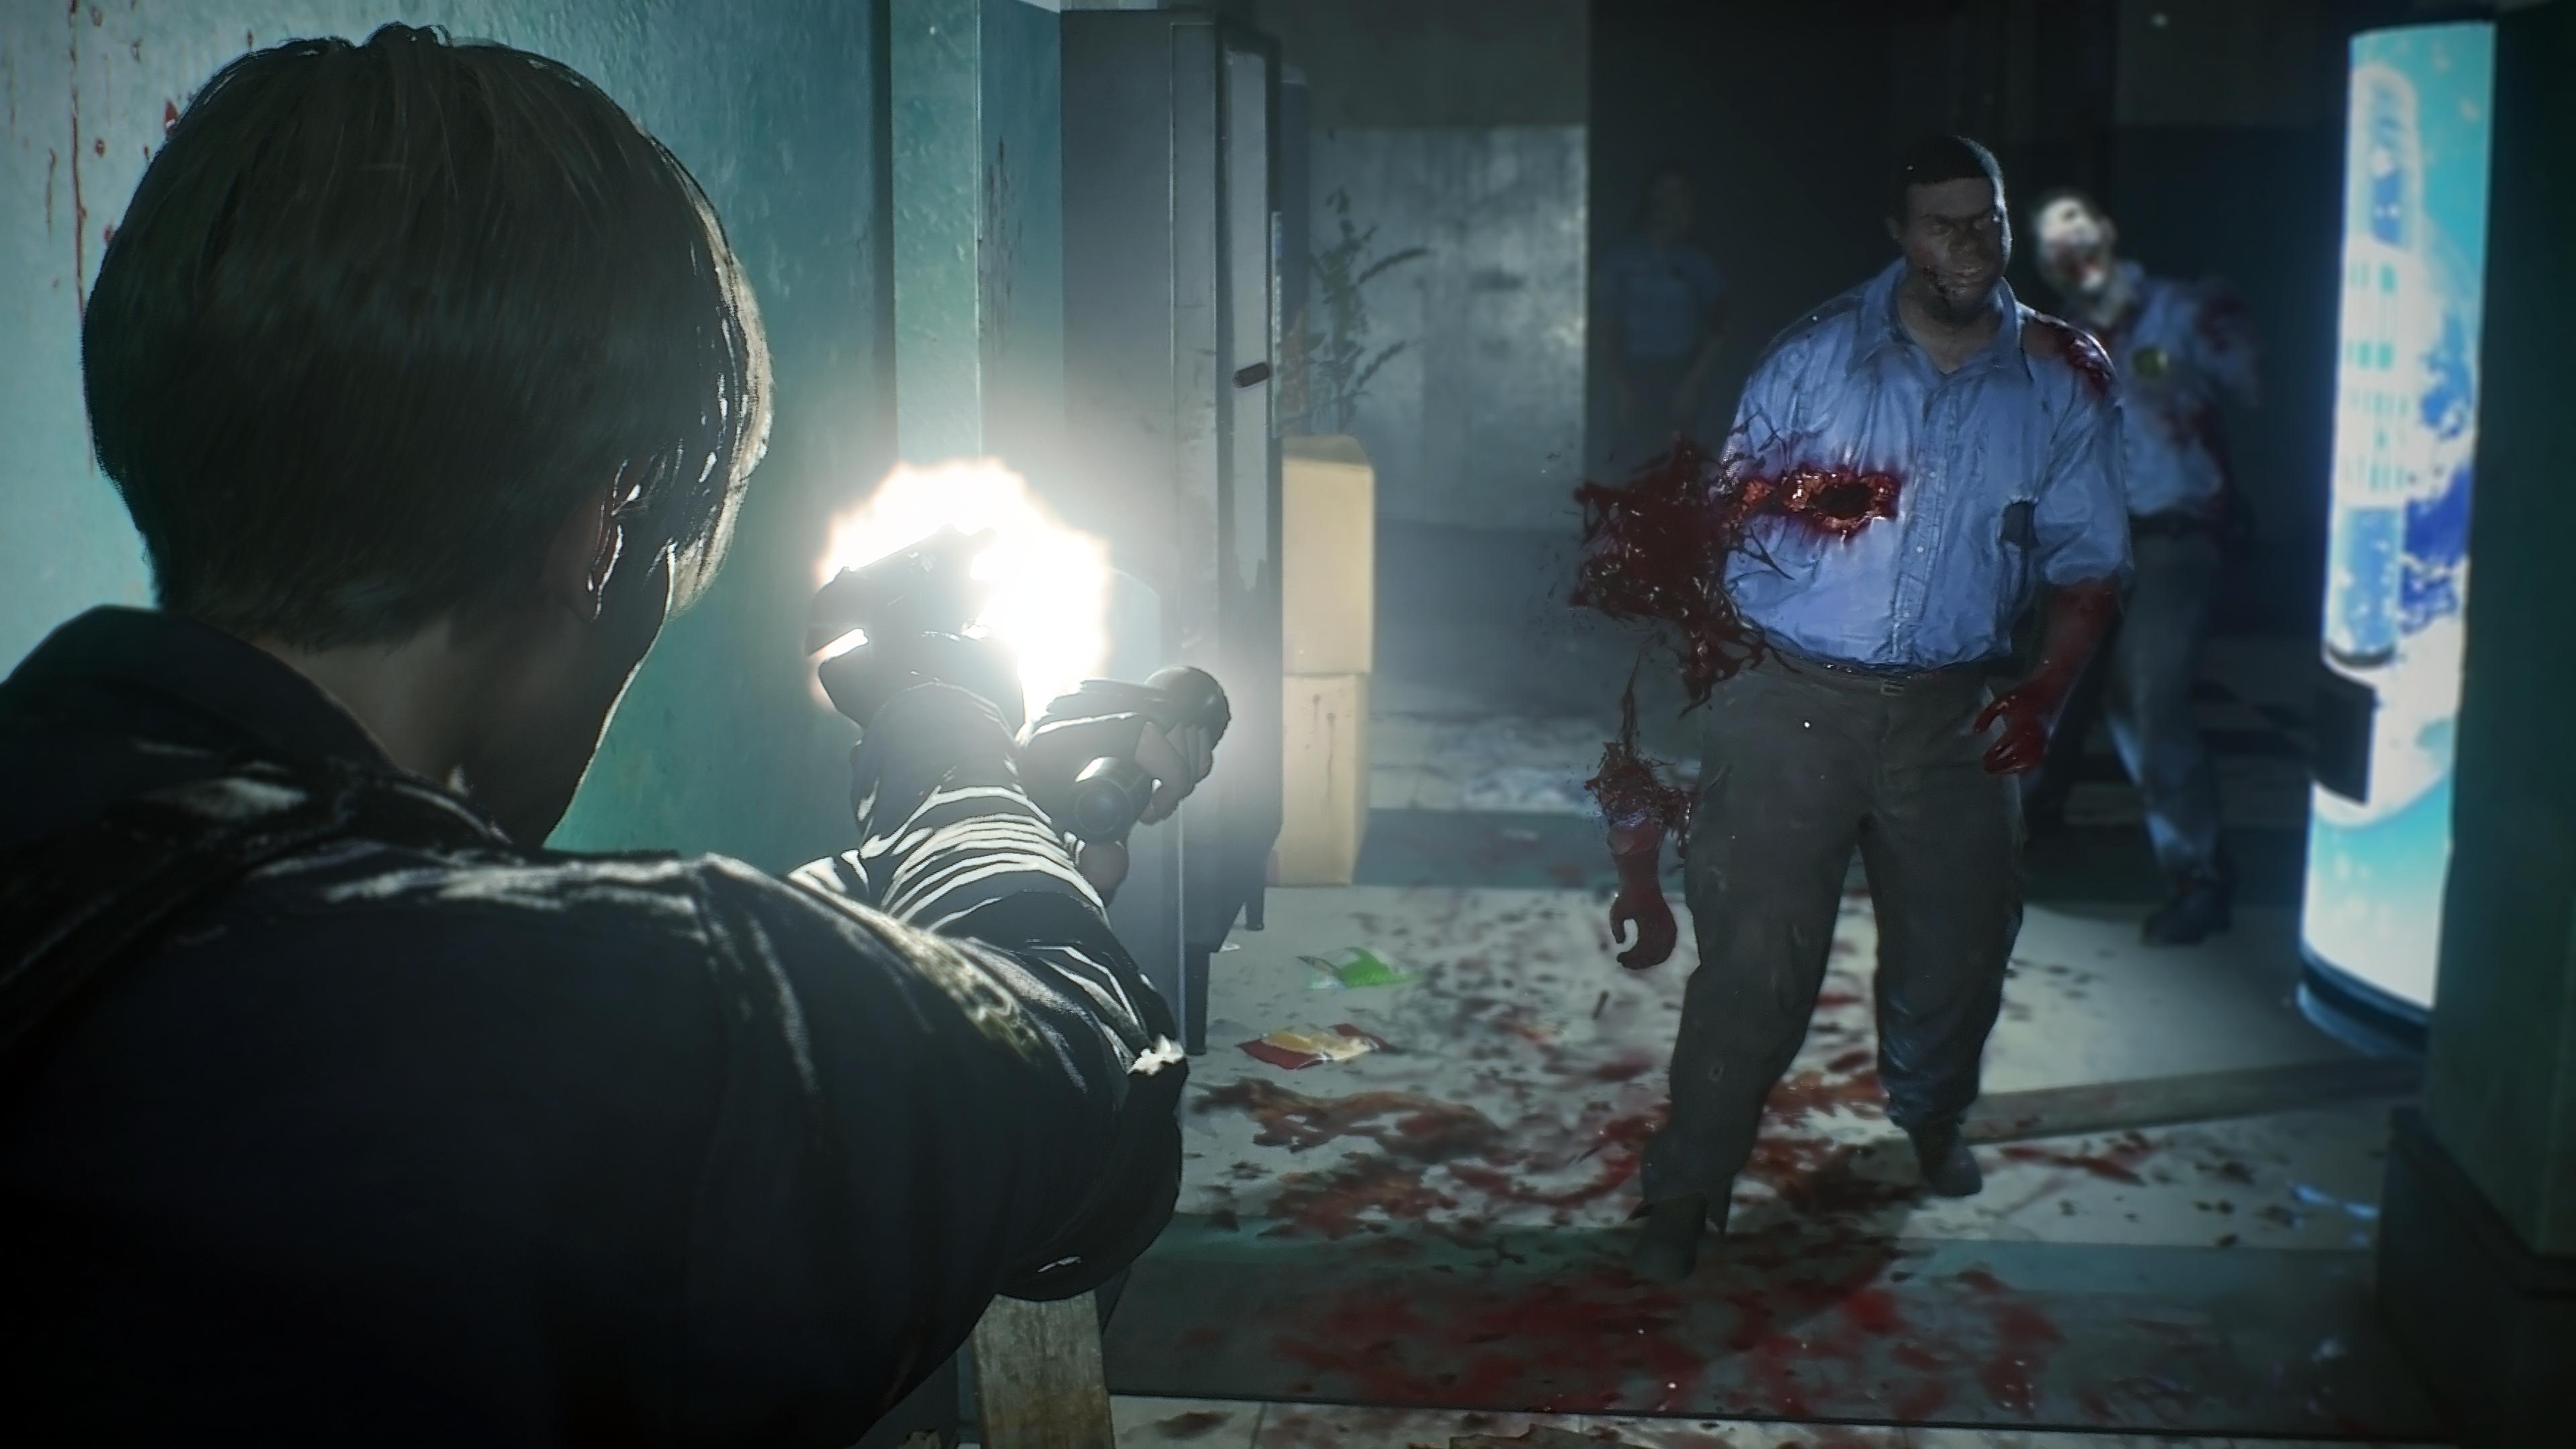 Jogamos! Resident Evil 2 resgata a série com uma proposta assustadora 1